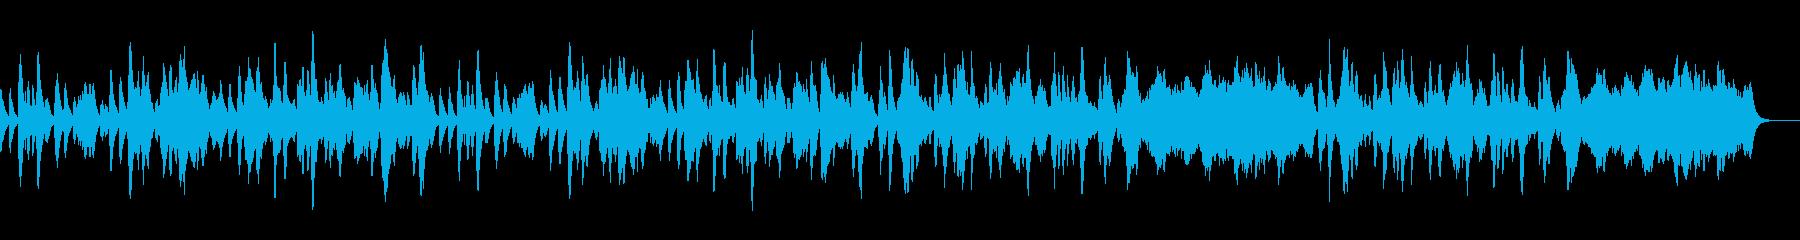 ゴルトベルク変奏曲のオルゴールFullの再生済みの波形